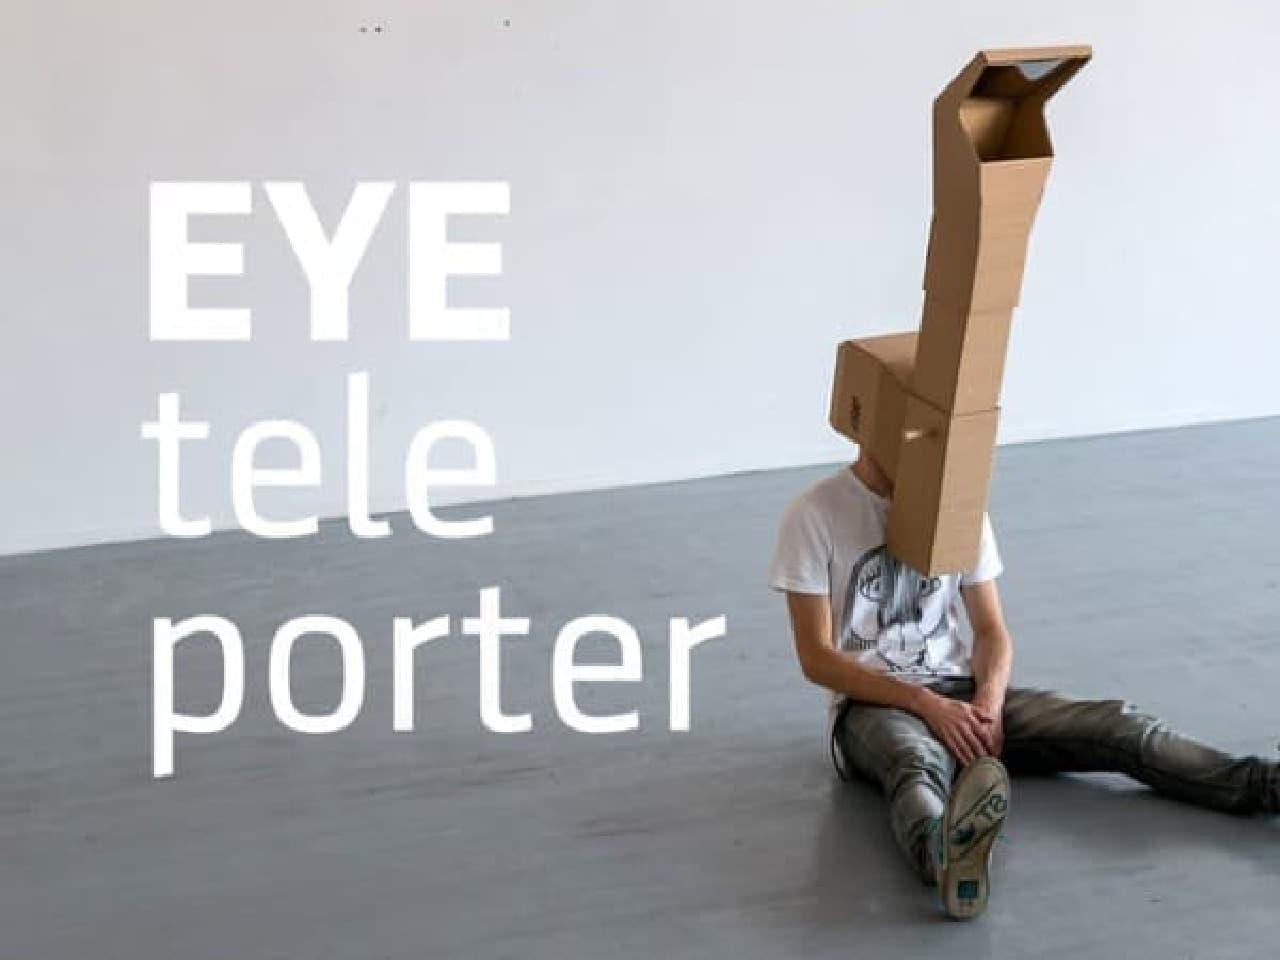 普段とは違った視点を楽しめる「EYEteleporter」